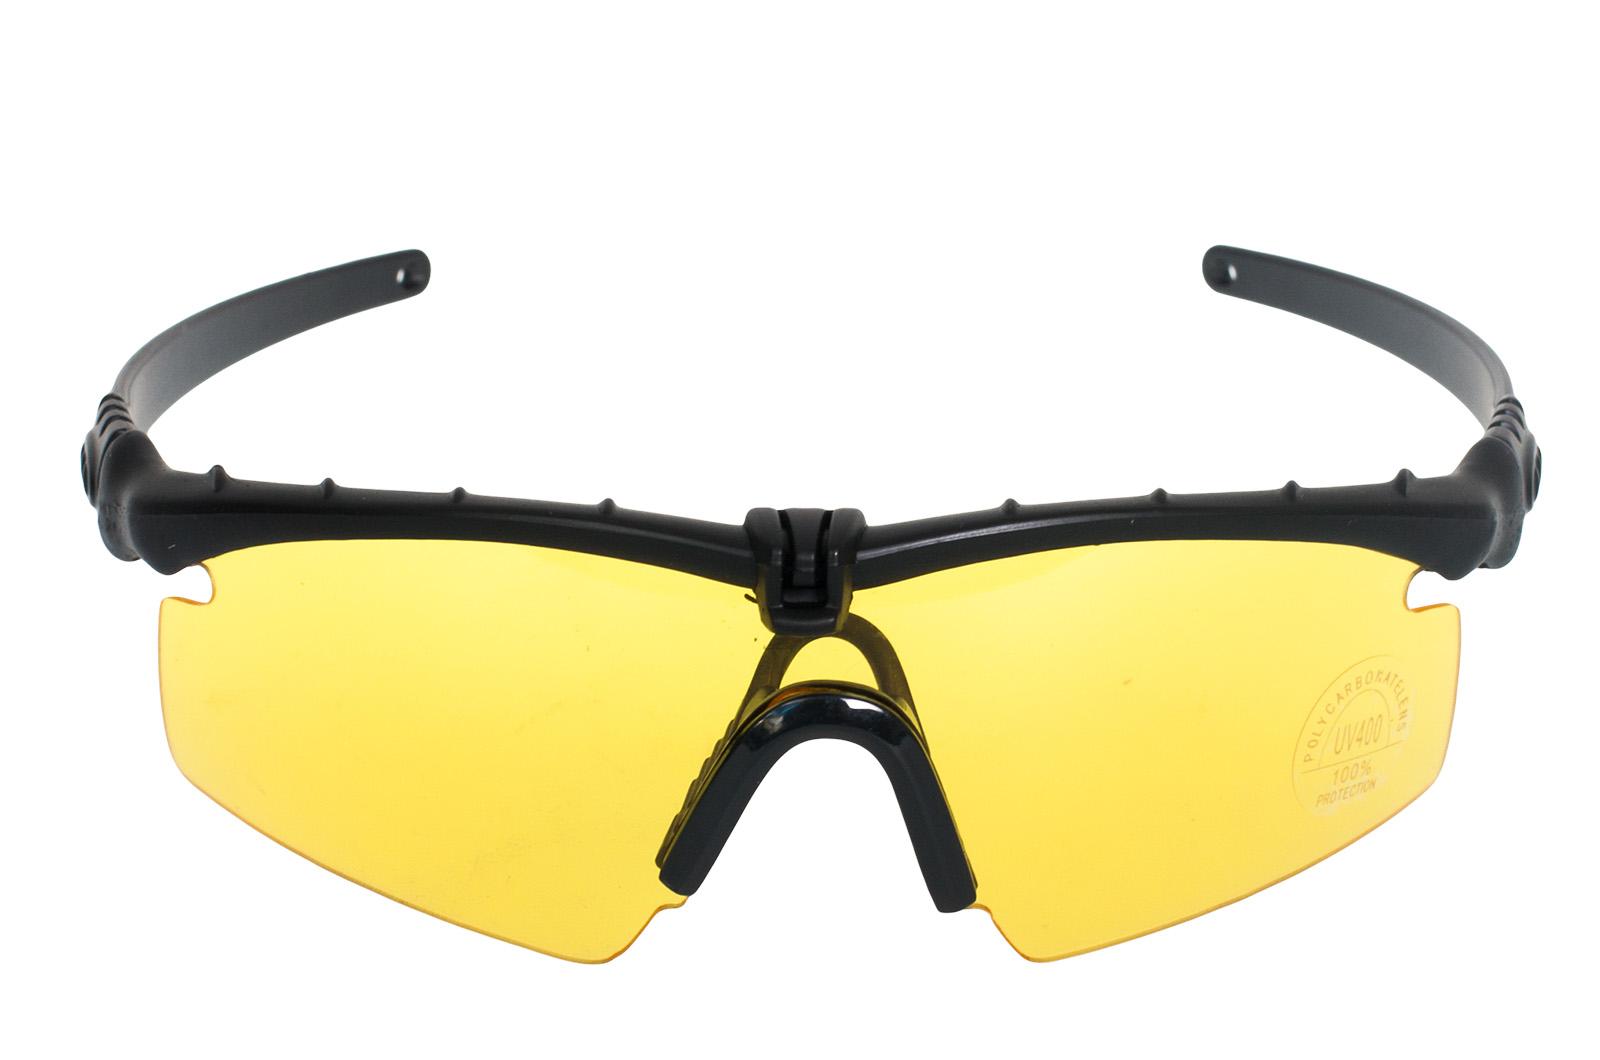 Заказать очки гуглес для коптера в сыктывкар заказать экран от солнца spark